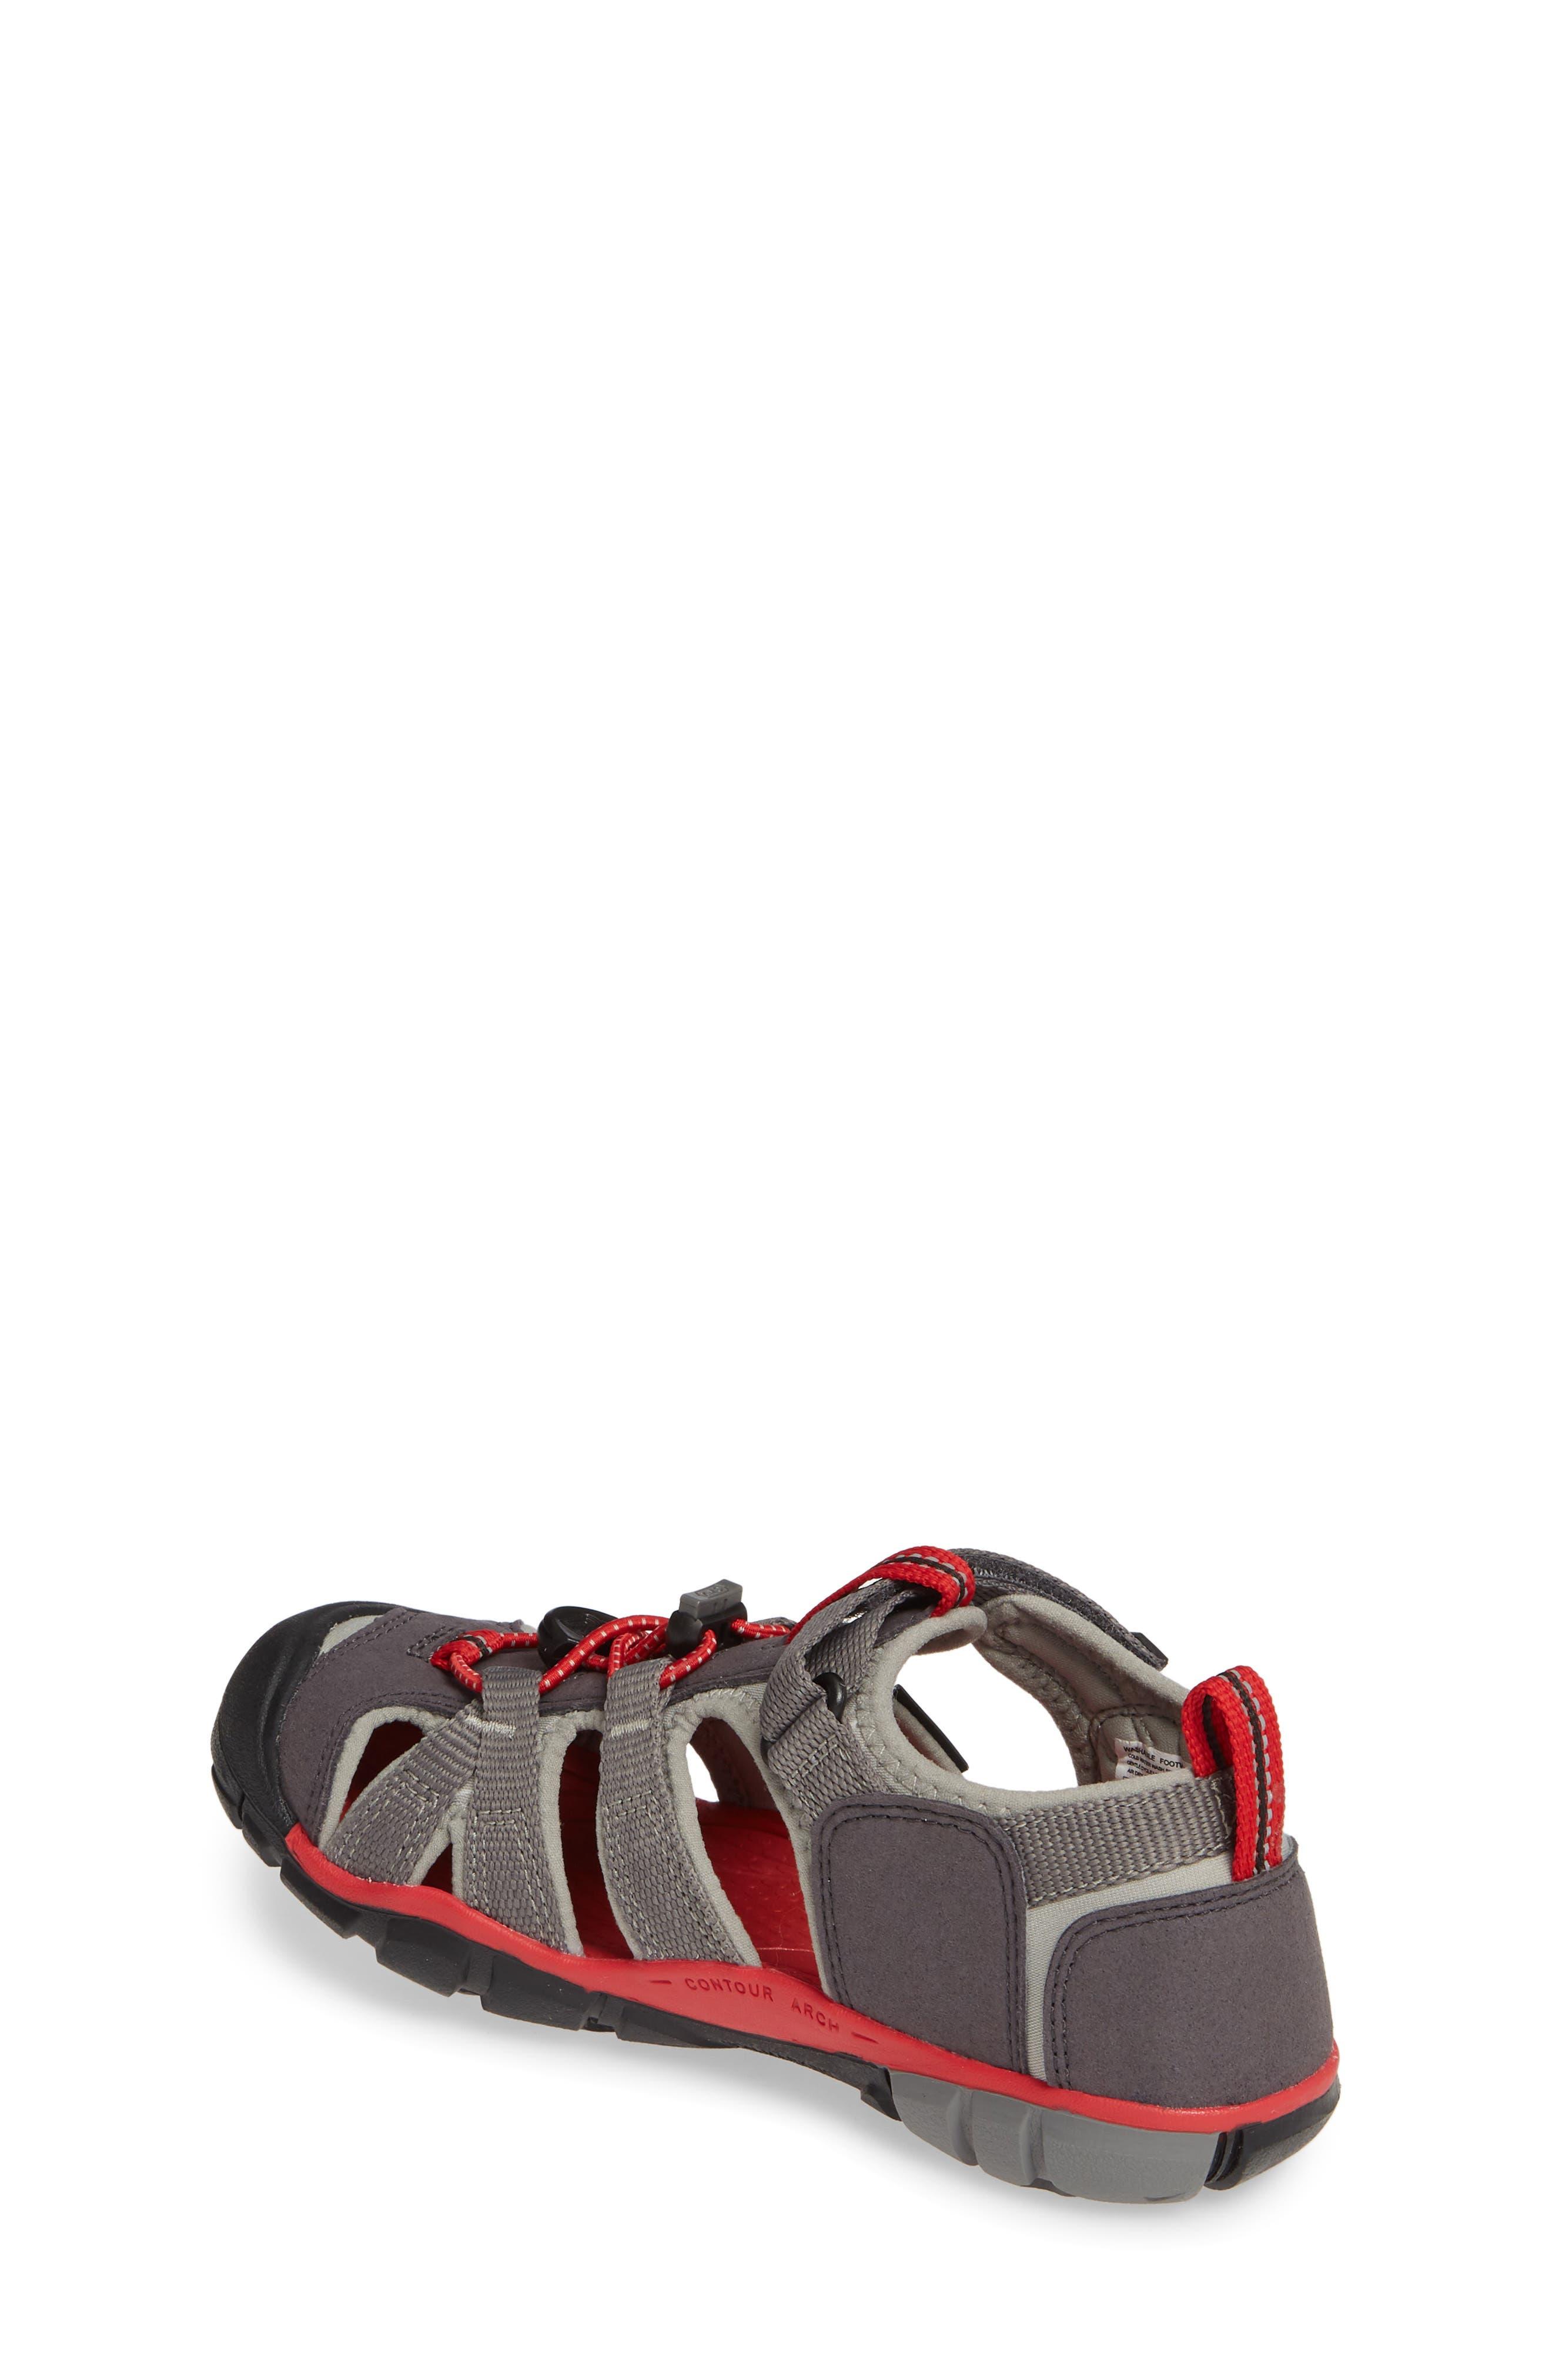 57c2b12111eb Girls  Keen Shoes